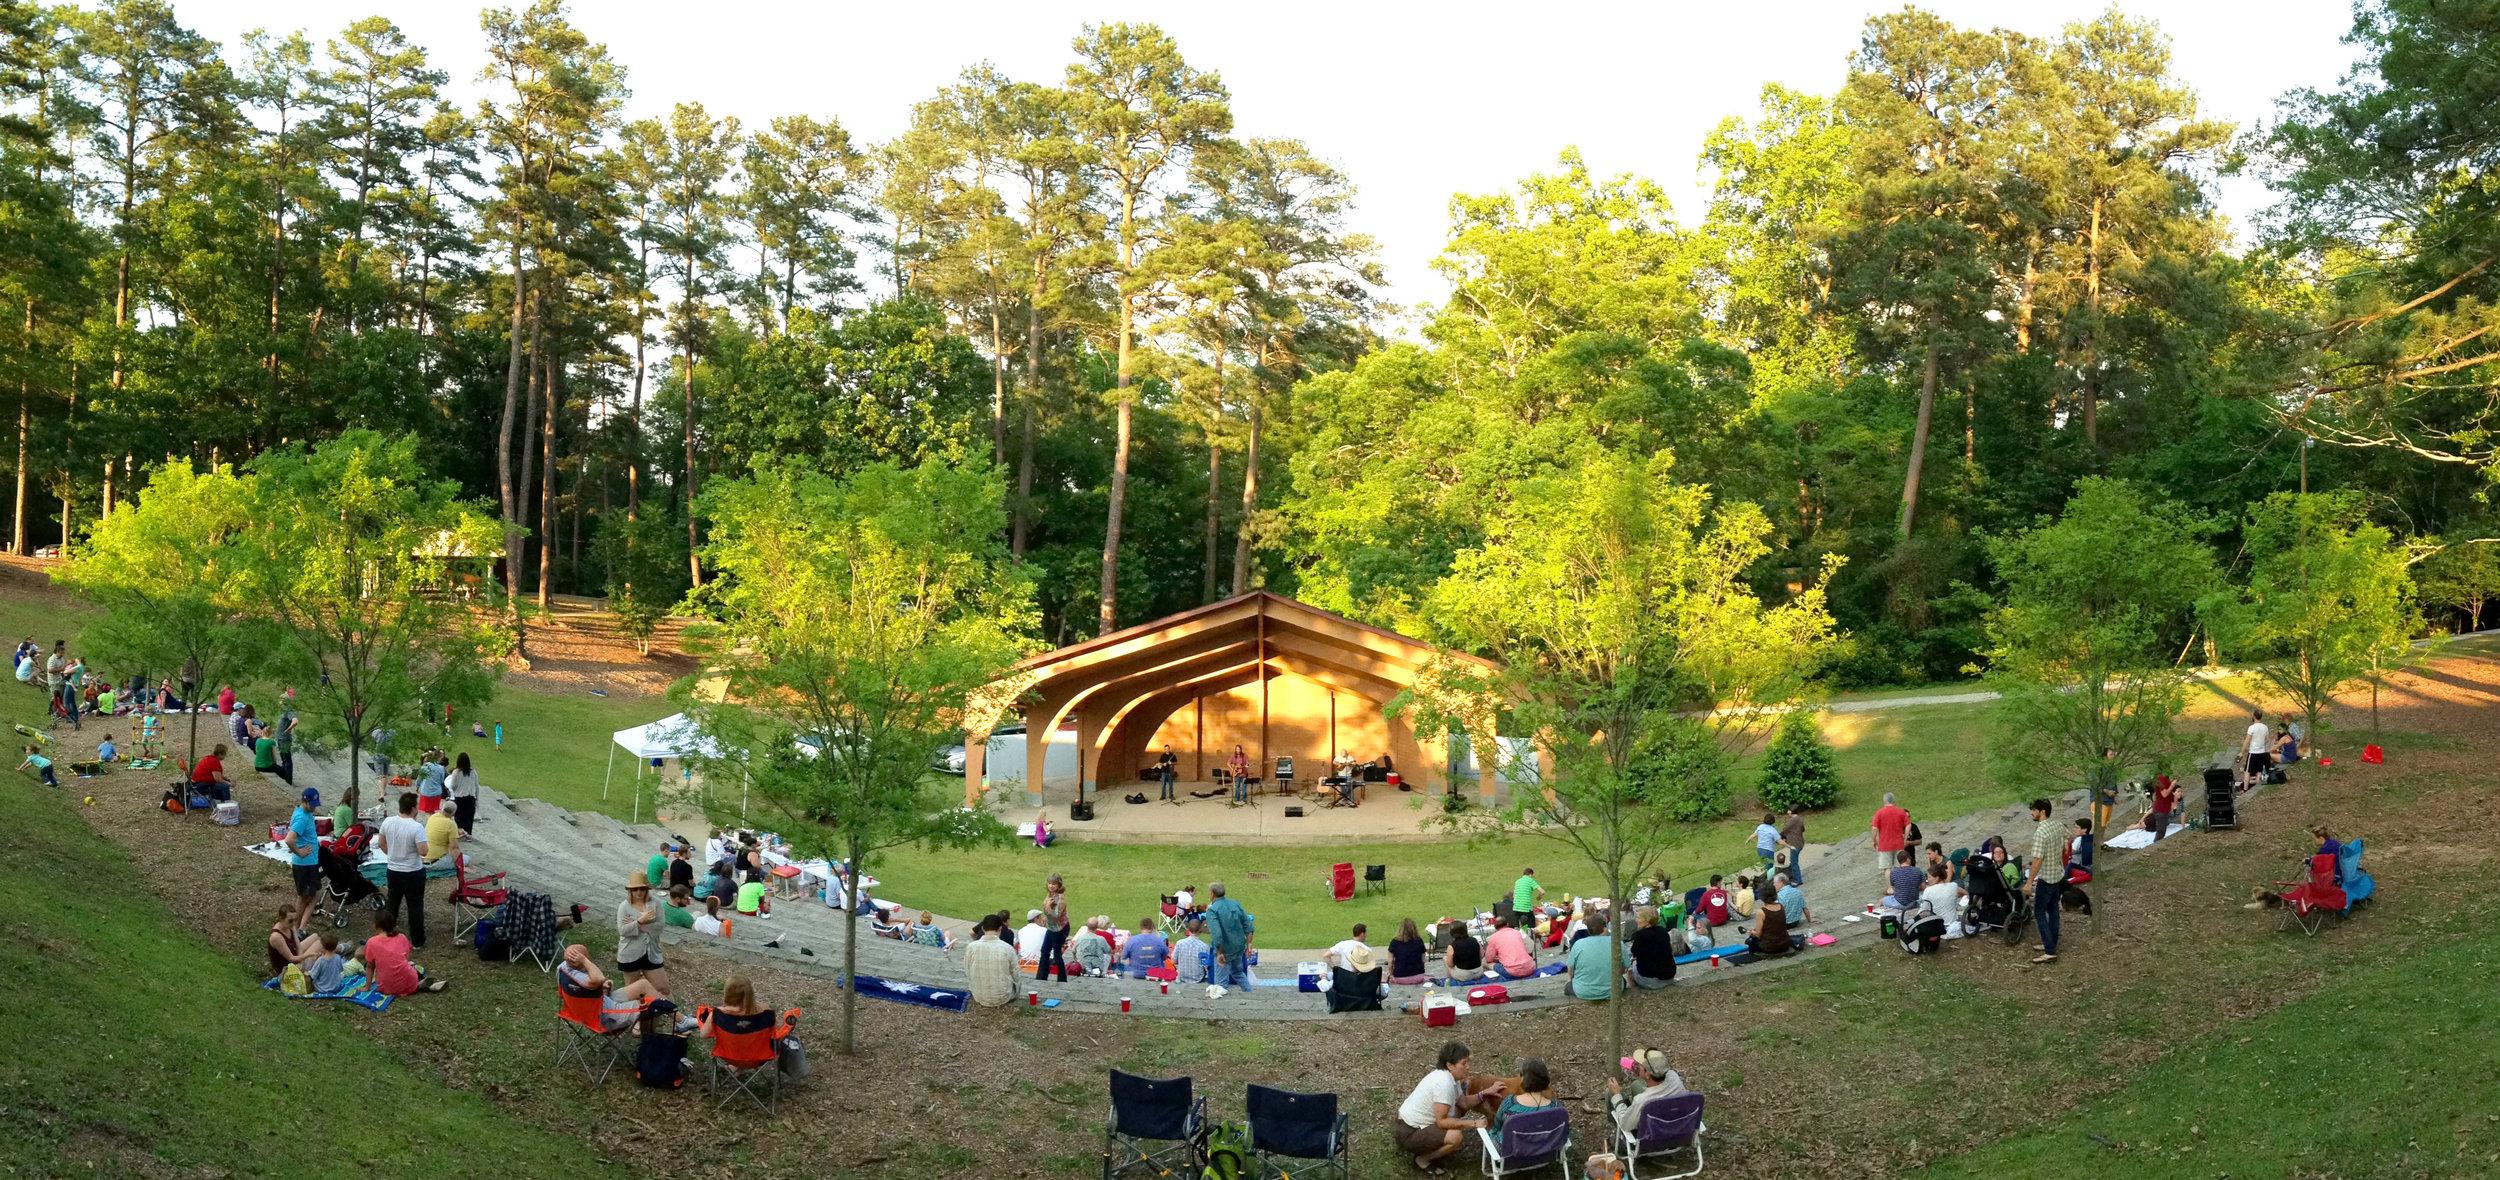 Amphitheater_Concert.jpg